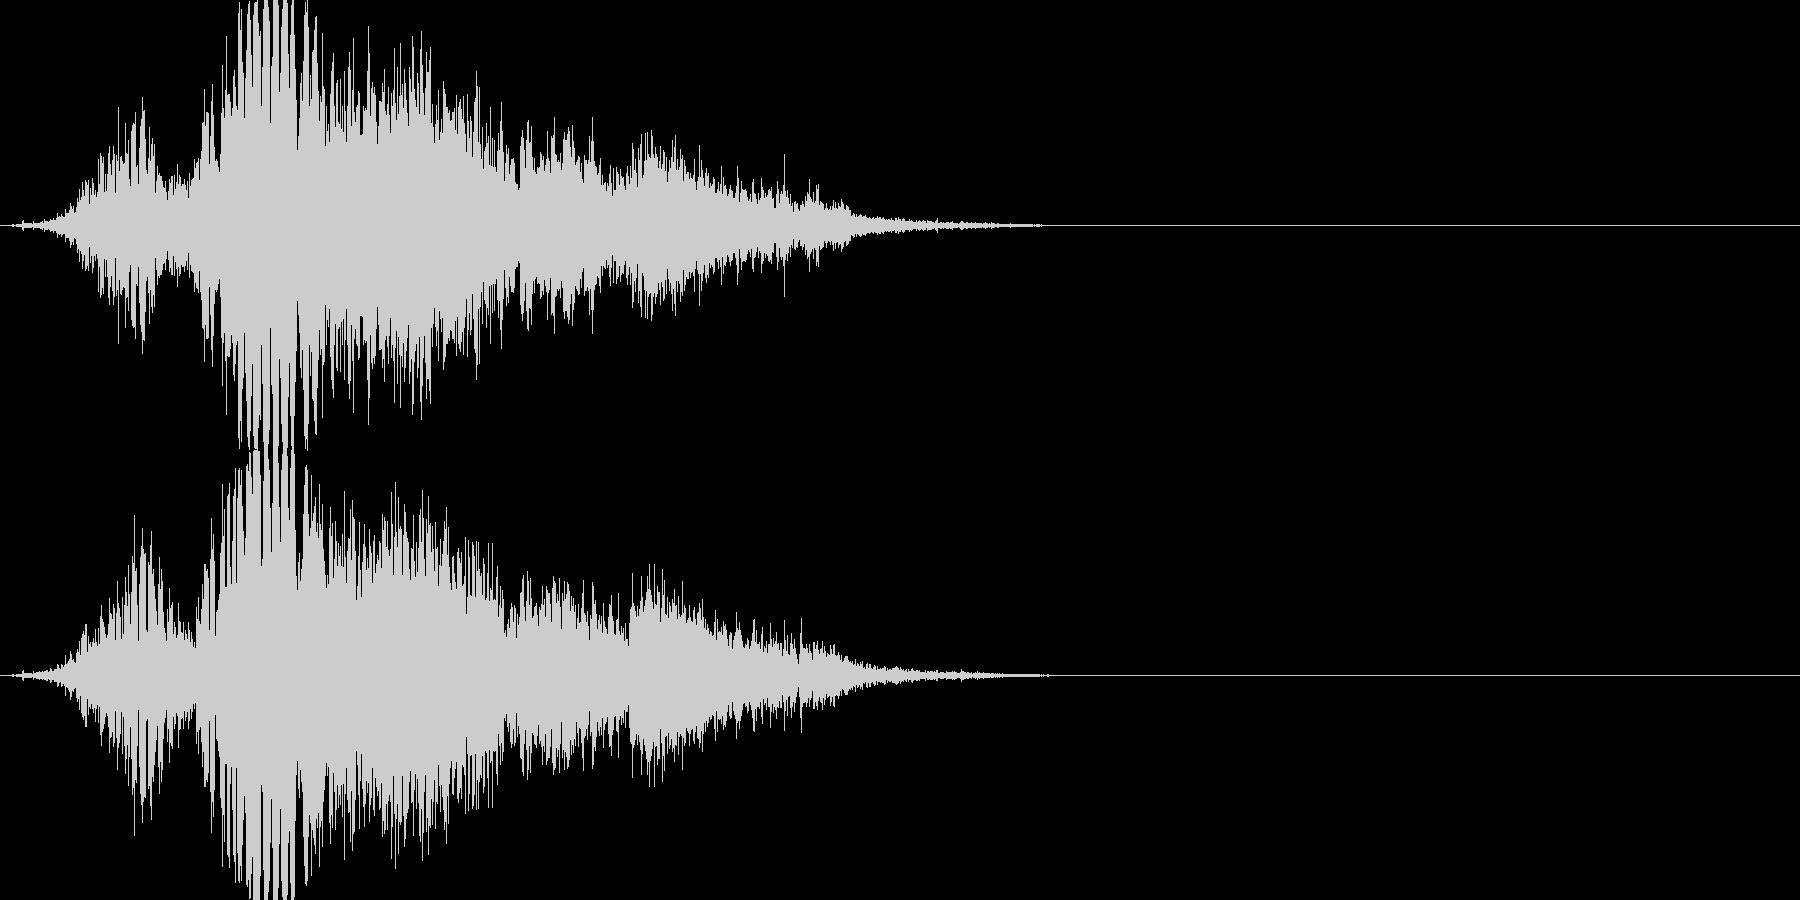 斬撃音(刀や剣で斬る/刺す効果音)15の未再生の波形